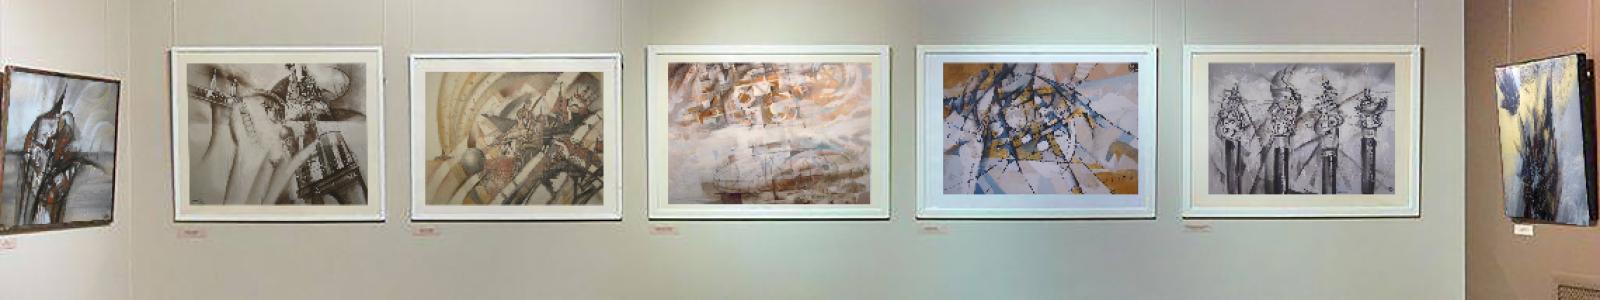 Gallery Painter Andrey Kreminskiy